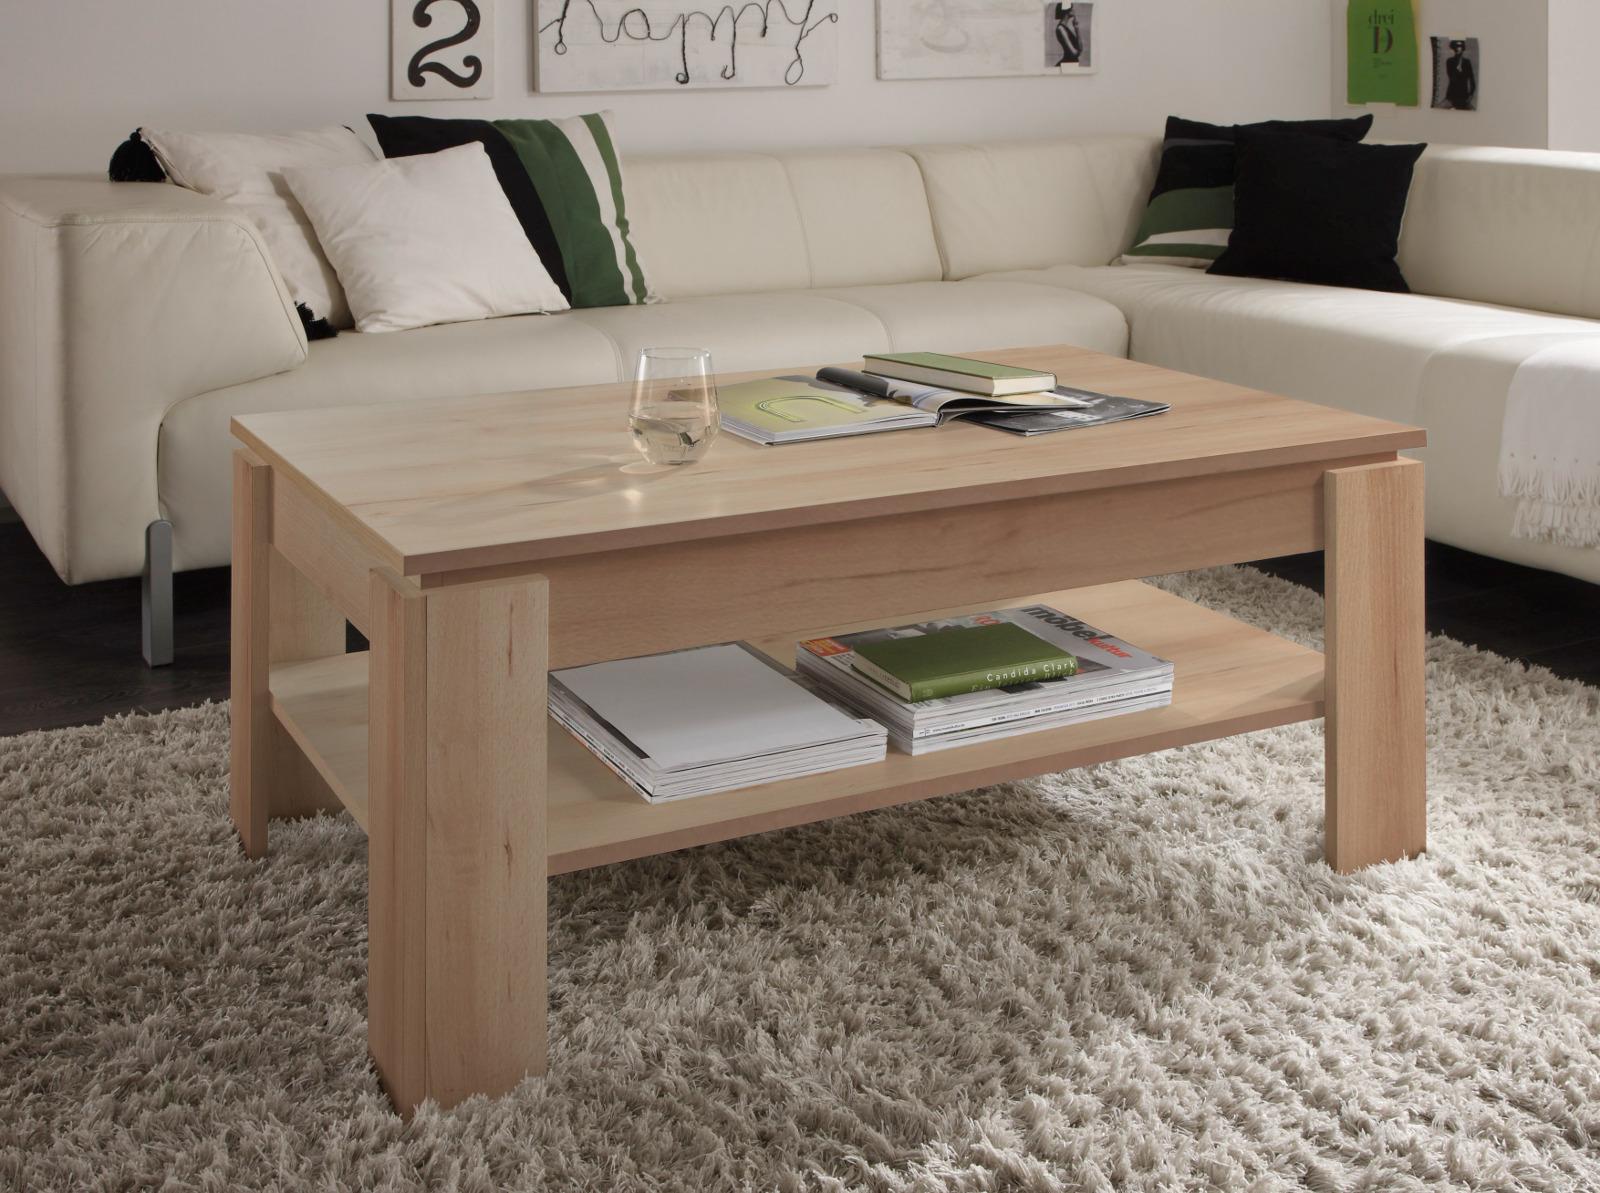 93 wohnzimmertisch real couchtisch kernnuss. Black Bedroom Furniture Sets. Home Design Ideas